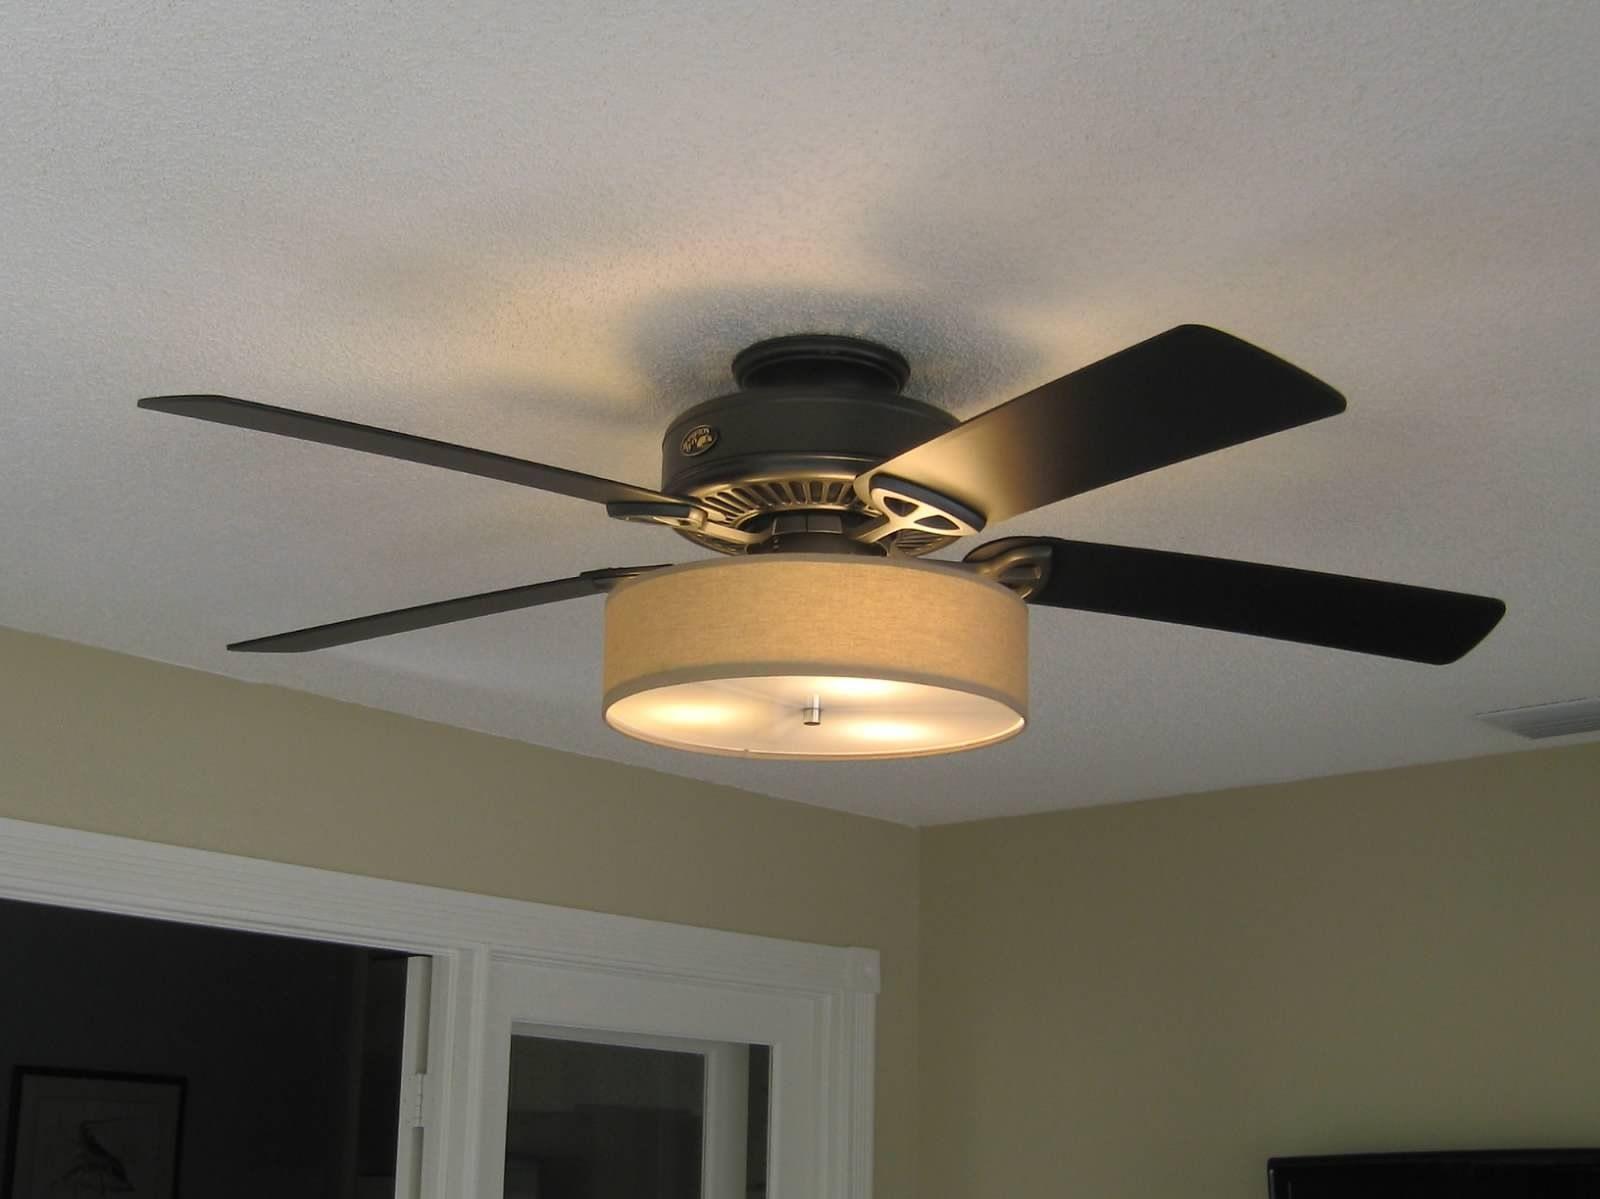 kitchen fan light Low Profile Linen Drum Shade Kit for Ceiling Fan S T Lighting LLC